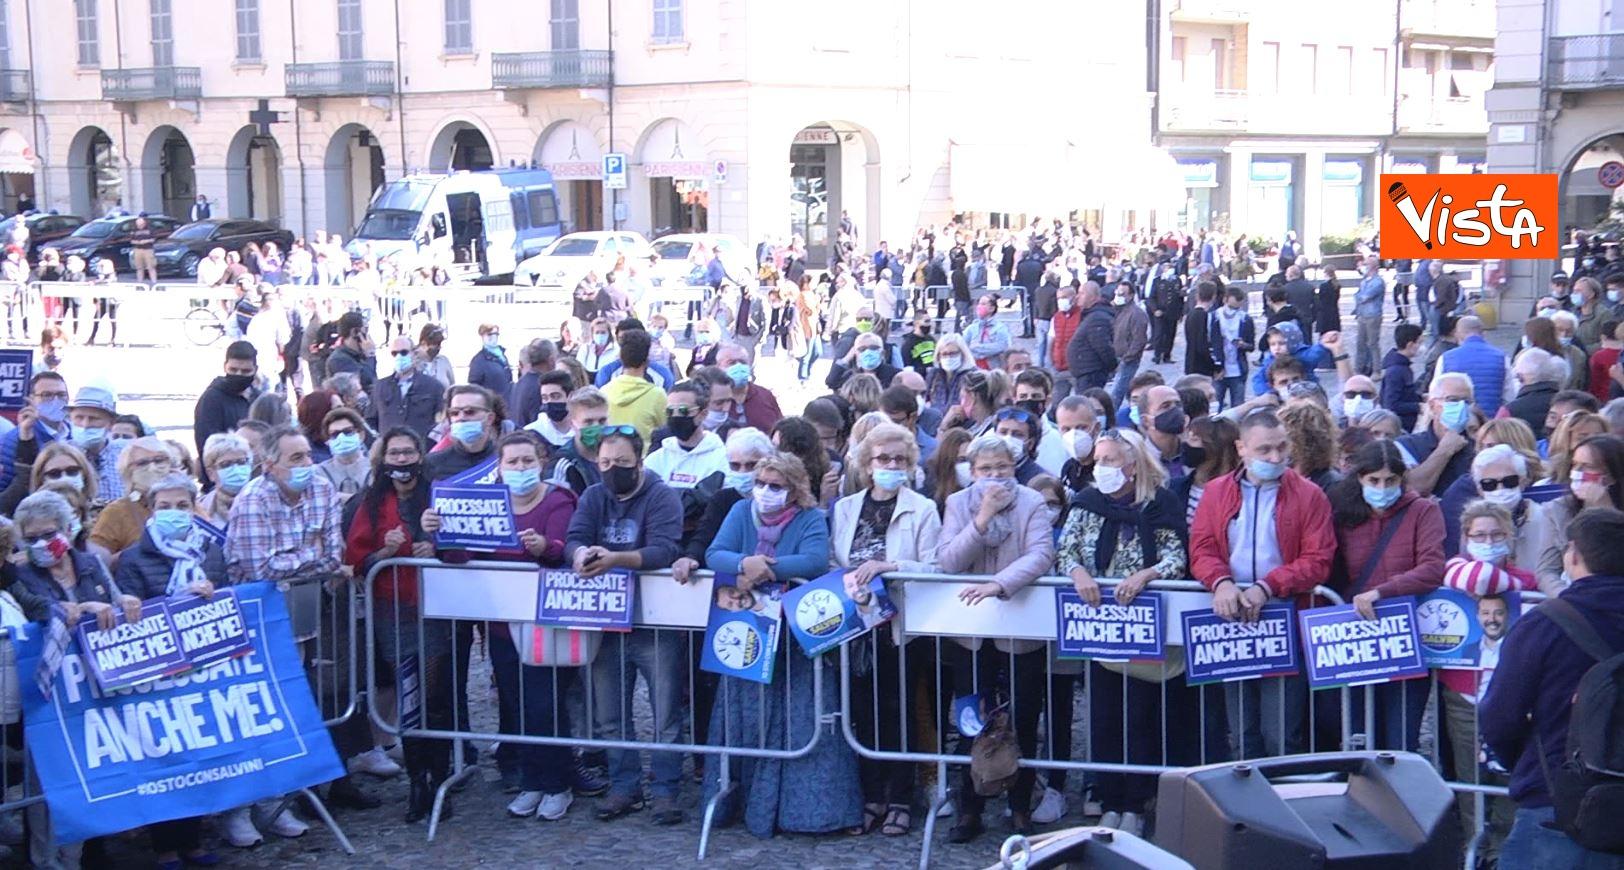 27_09_20 Salvini a Voghera Pavia per il comizio elettorale le immagini _02